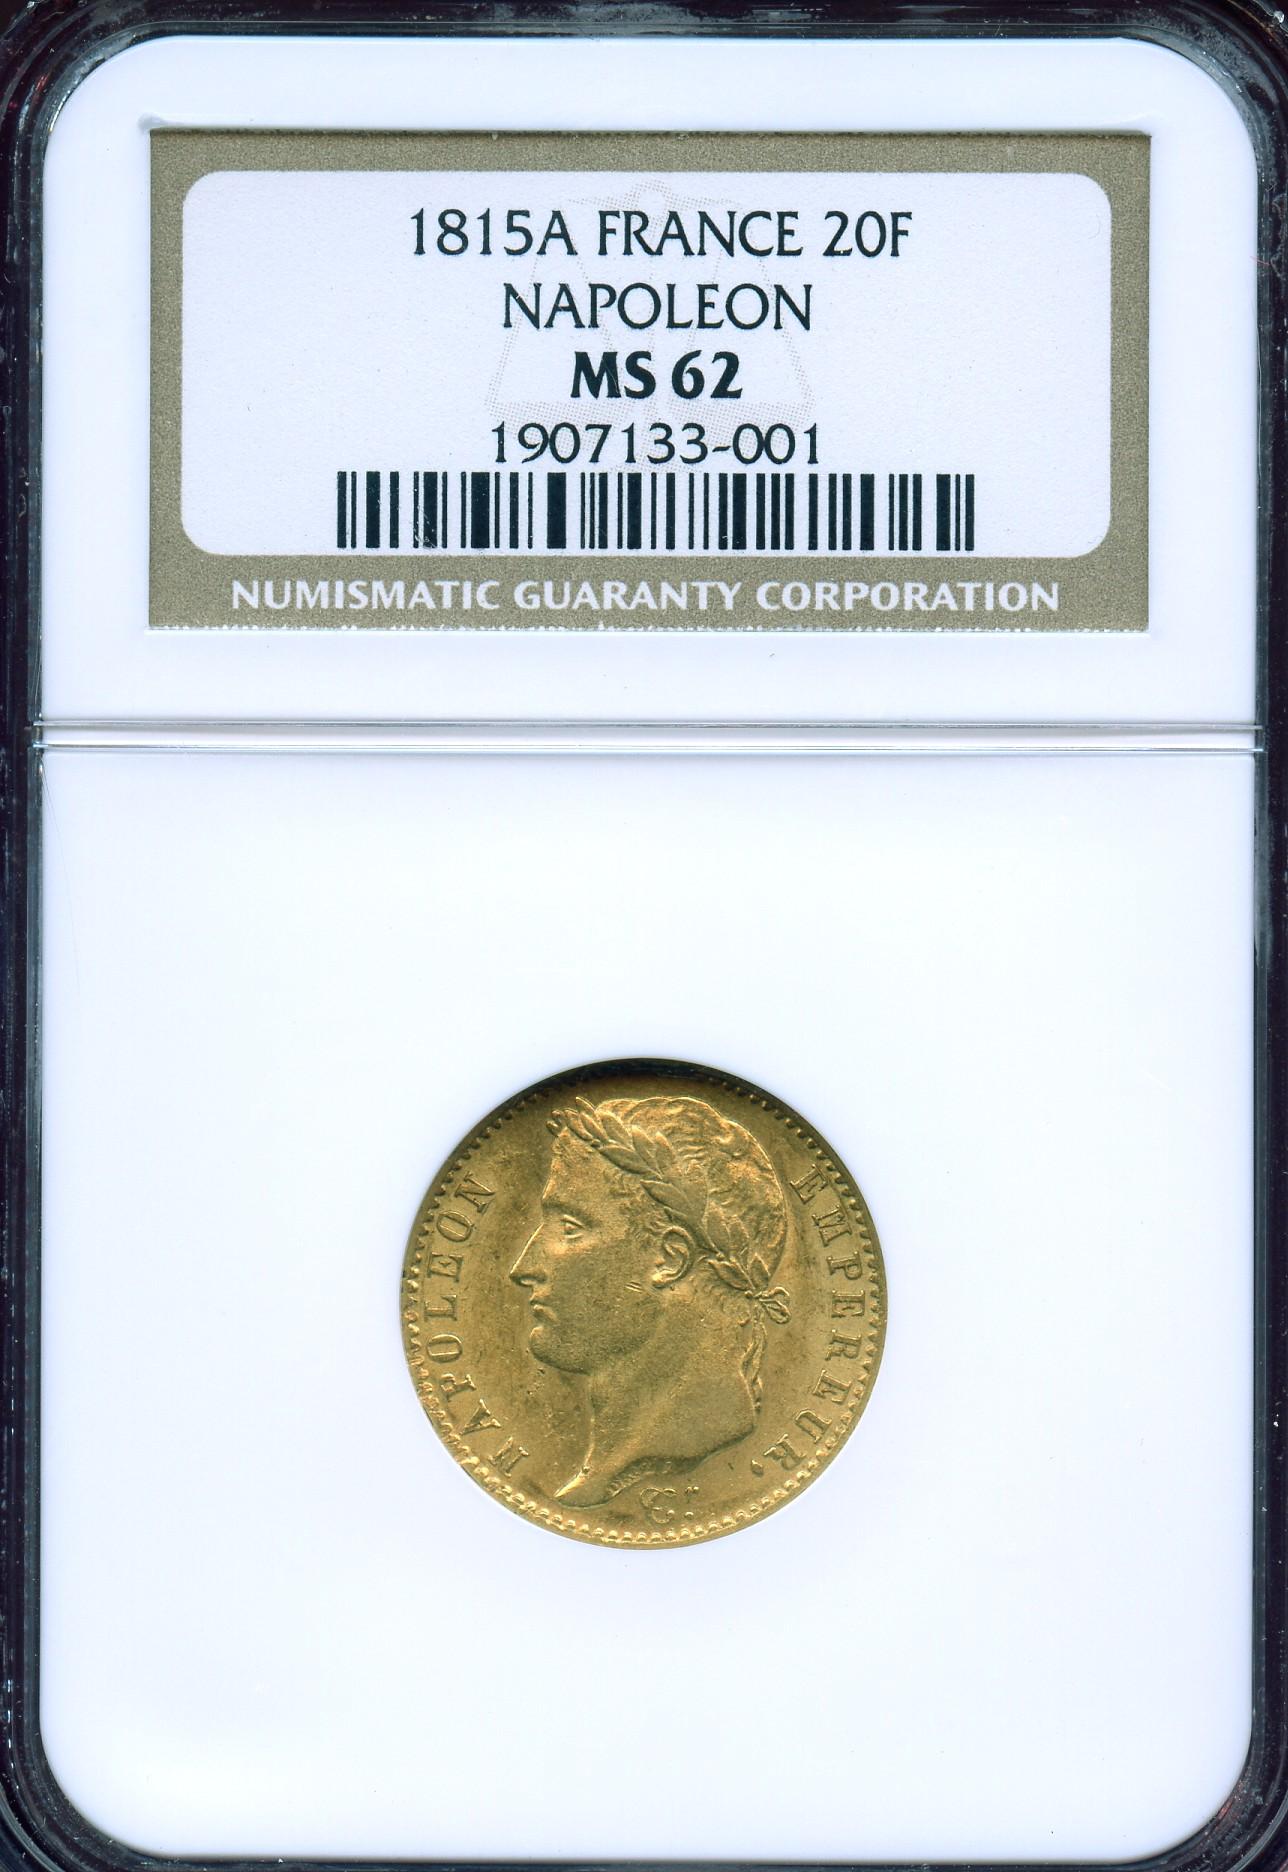 フランス1815年20フラン金貨ナポレオン百日天下NGC MS62画像